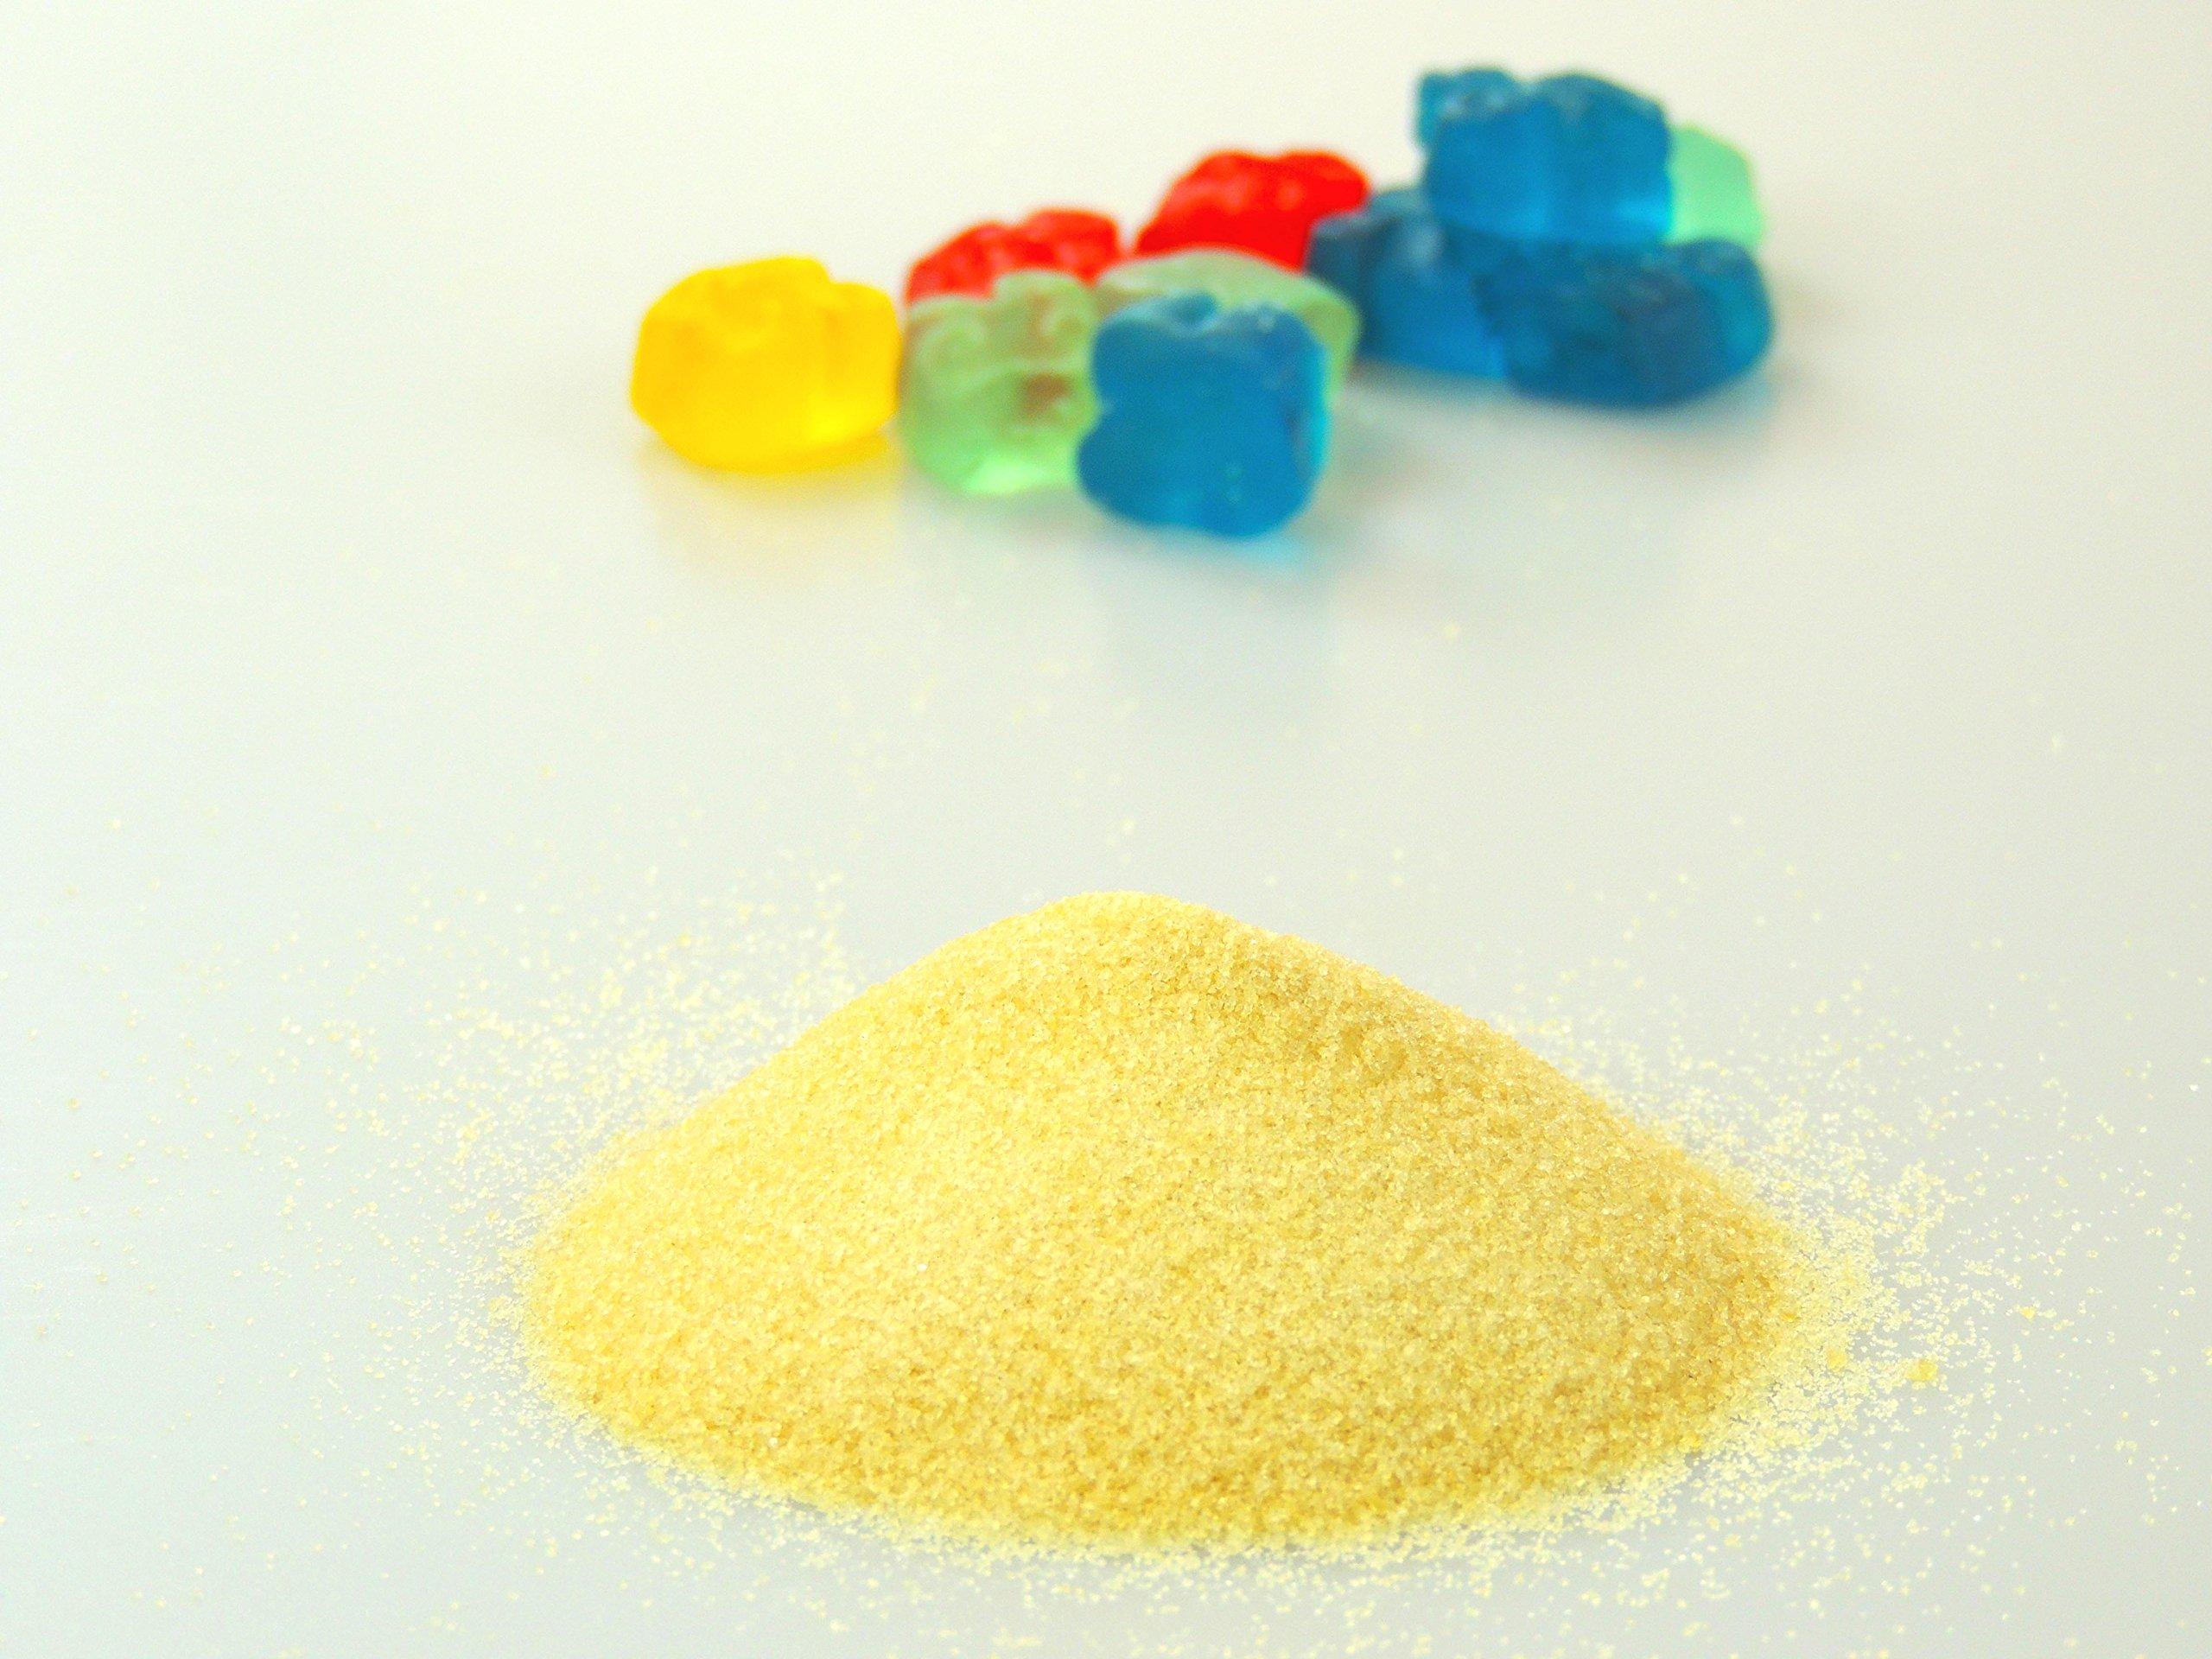 Protein Essentials Beef Gelatin Powder, Unflavored, Pasture-Raised, Grass Fed (16oz) by Protein Essentials